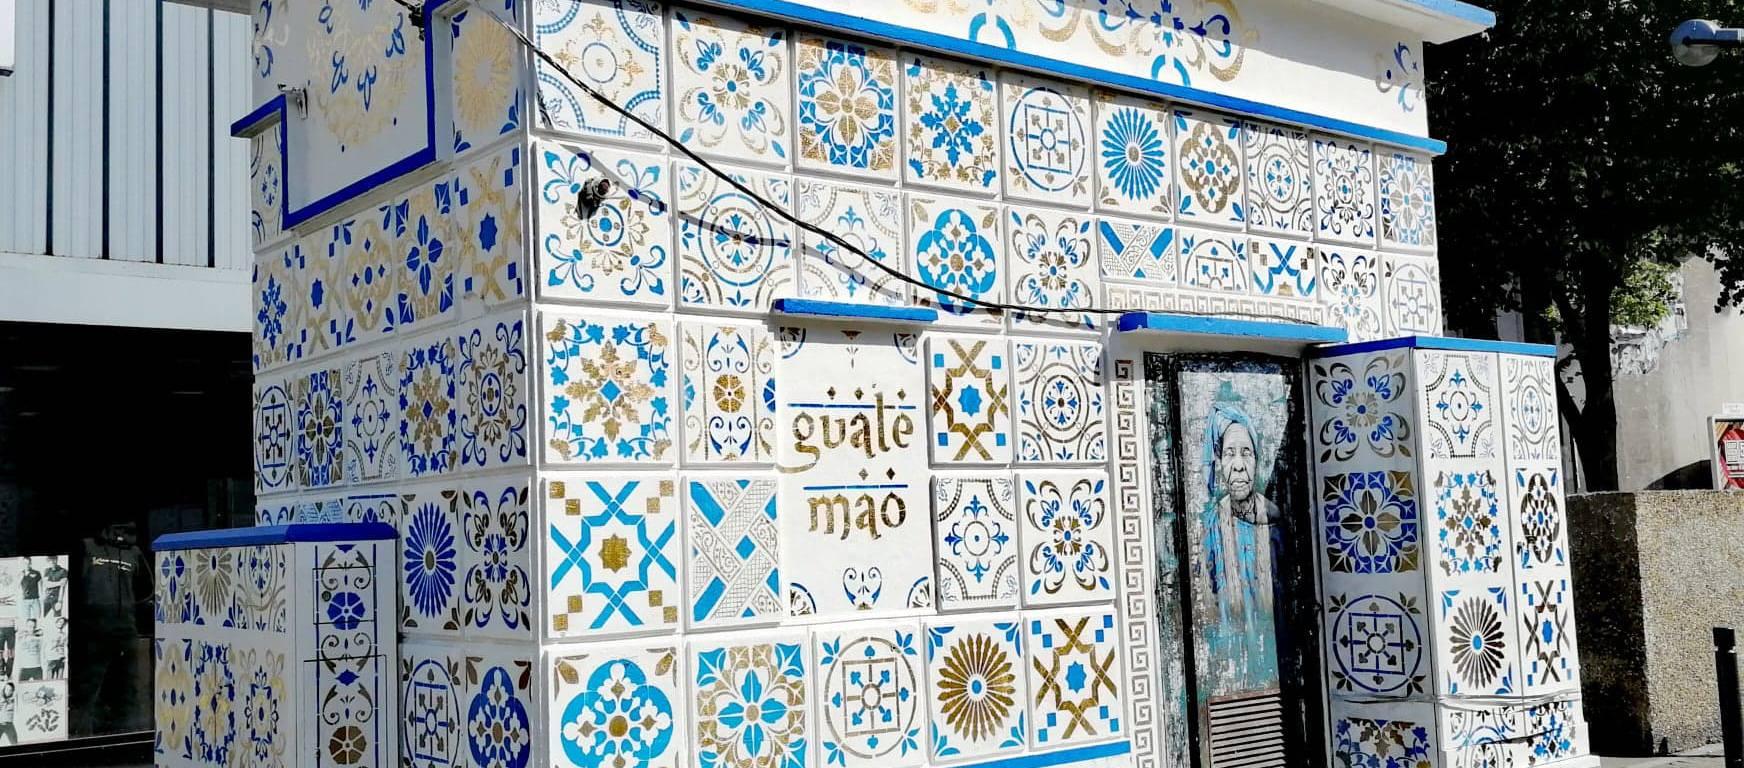 Oeuvre de Guate Mao sur boulevard Jules Guesde à Saint-Denis © Office de tourisme